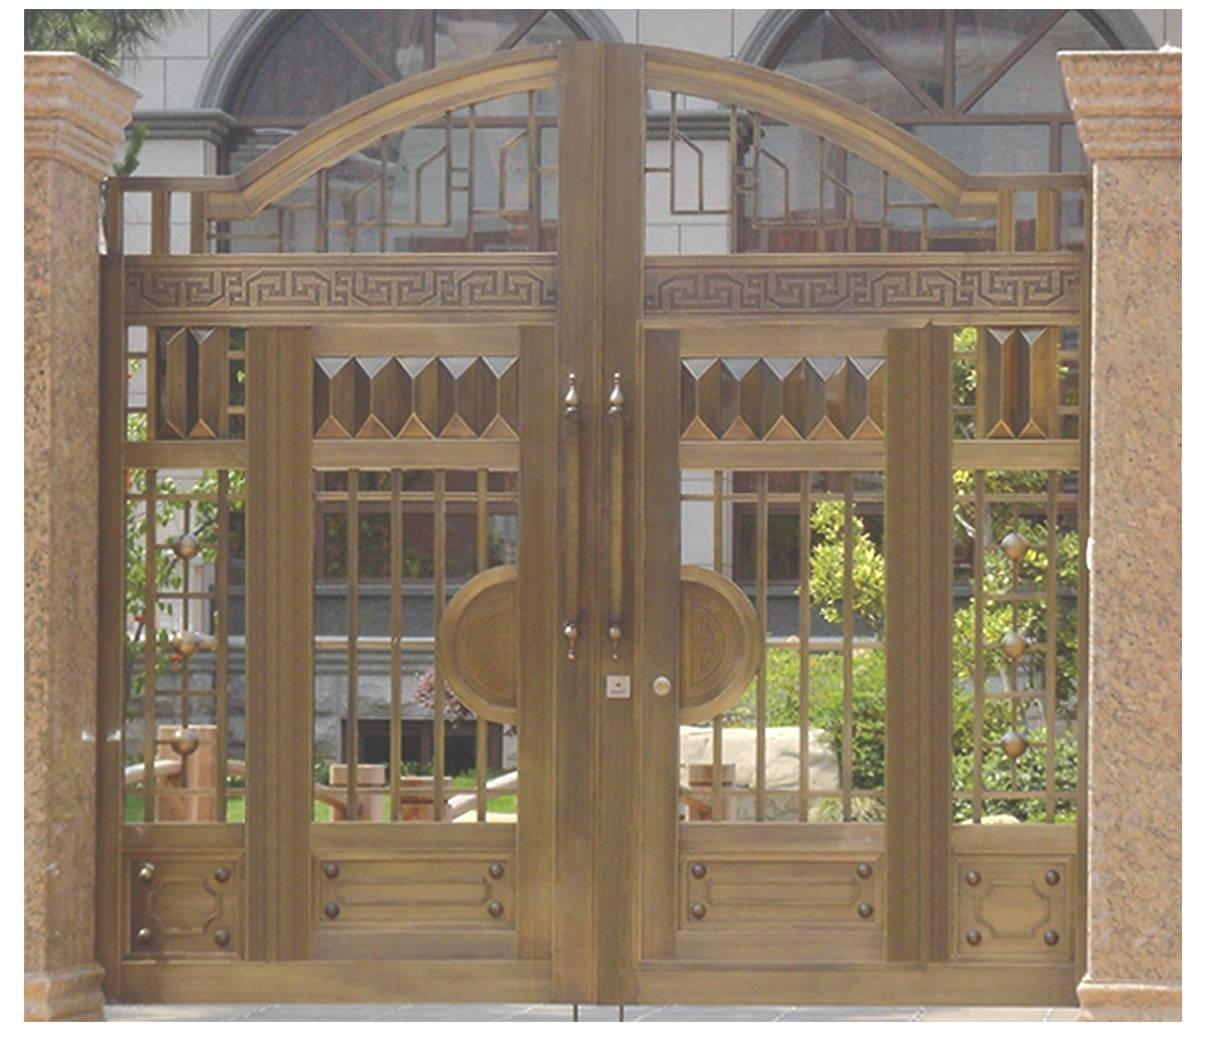 定制菲尔特豪华别墅庭院大铜门,欧式围墙铜门